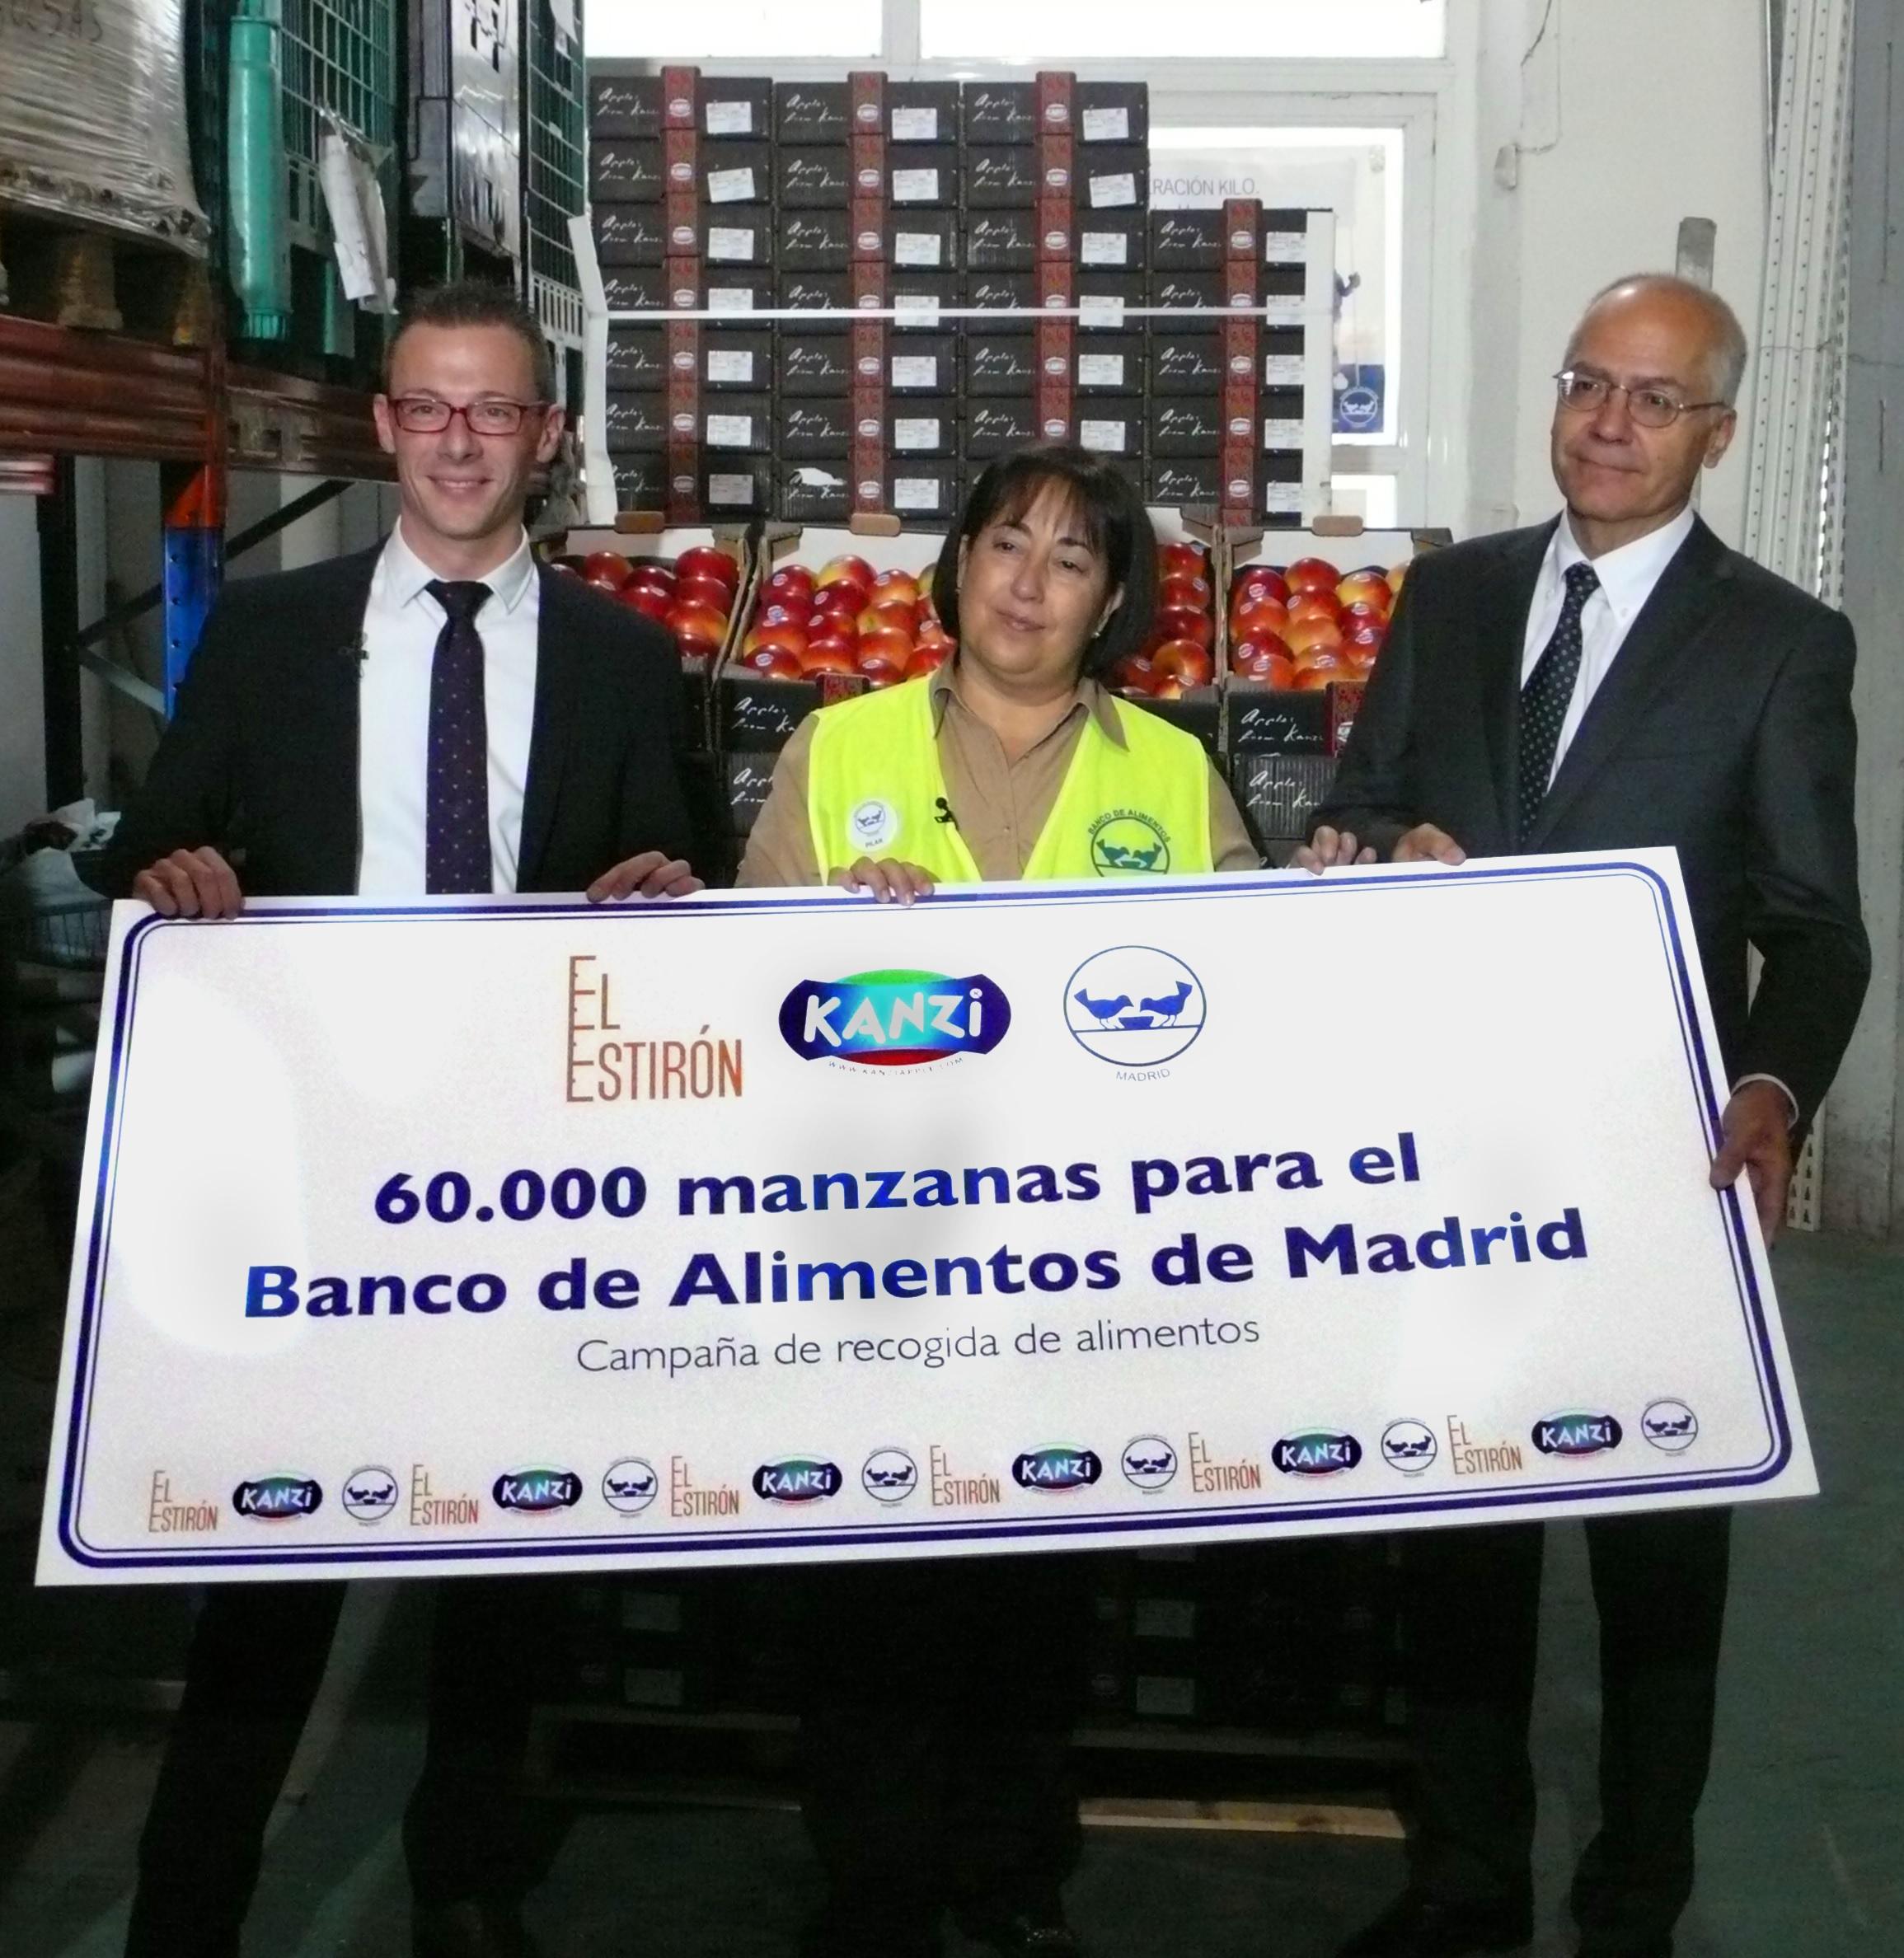 Kanzi: donate 60.000 mele al Banco Alimentare di Madrid